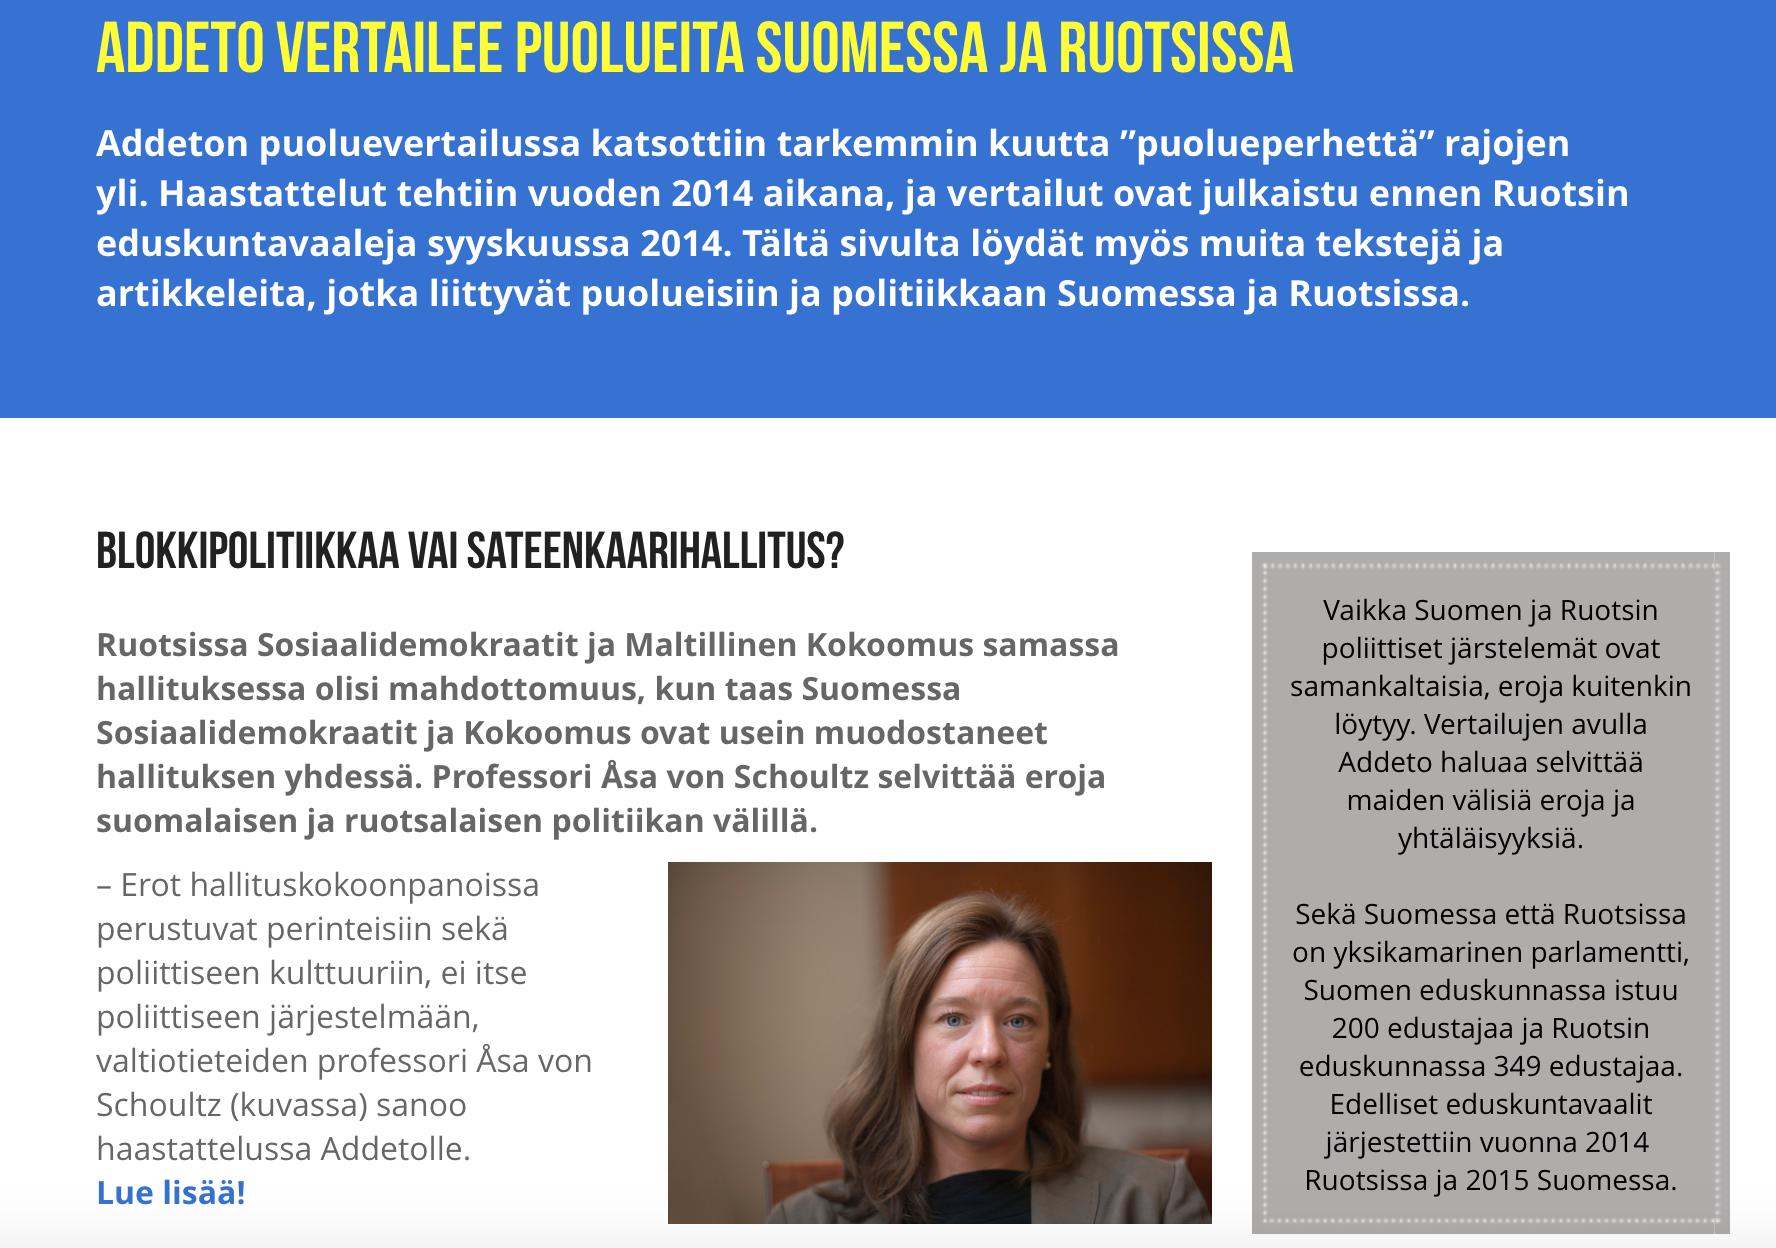 - Vuonna 2014 tein puoluevertailuja Suomen ja Ruotsin välillä Addetolle.